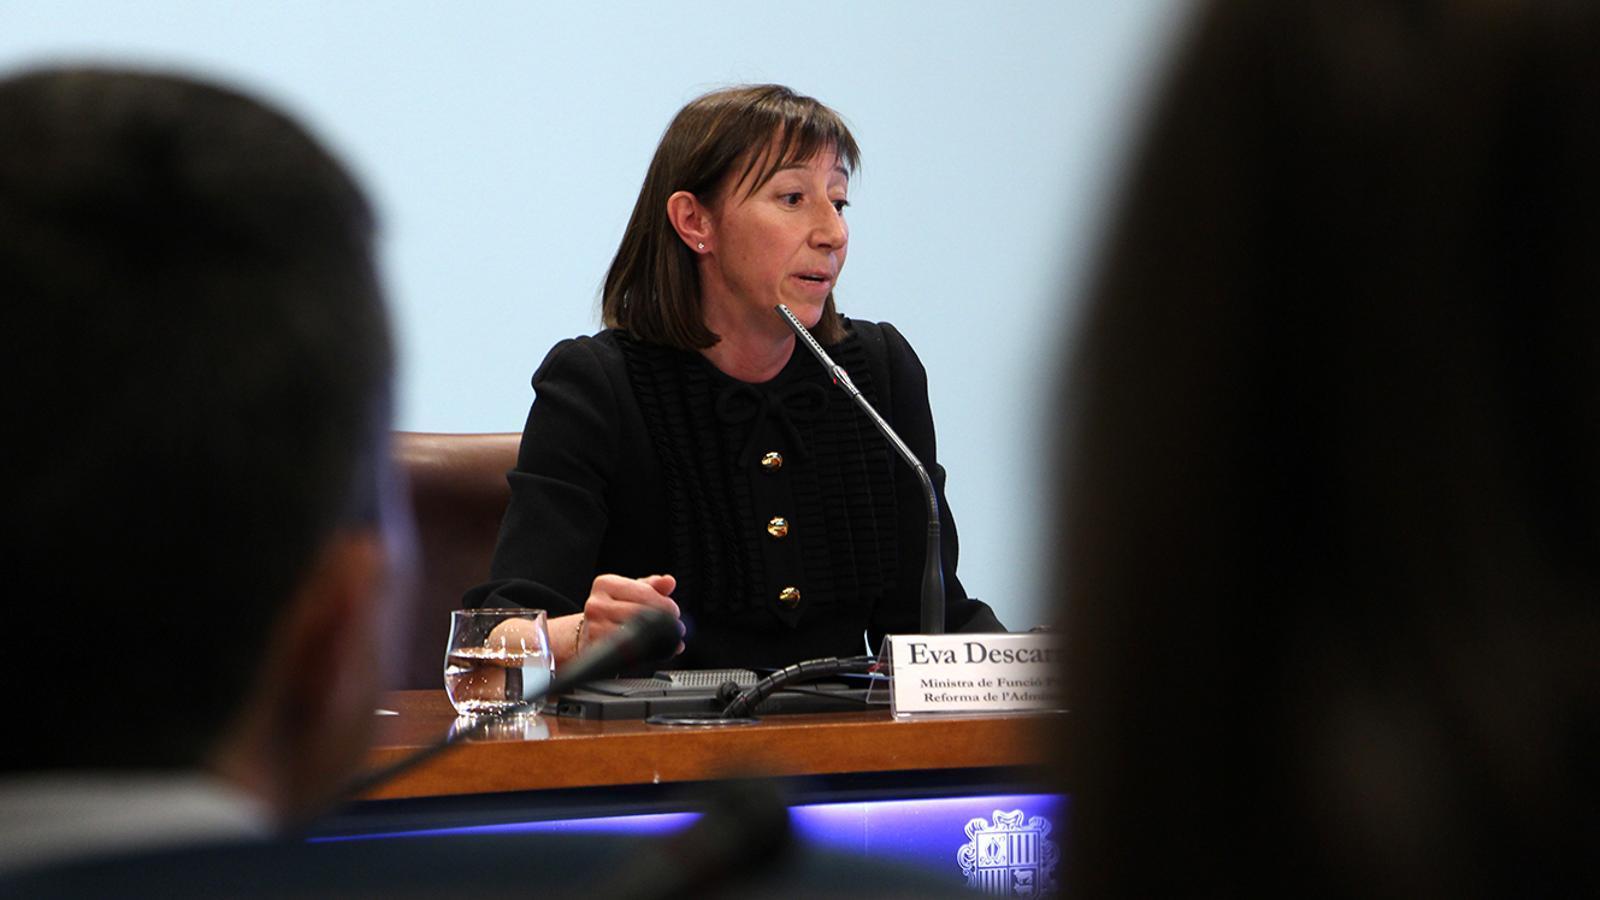 La titular de Funció Pública i Reforma de l'Administració, Eva Descarrega, en la roda de premsa posterior al consell de ministres. /  M. M. (ANA)